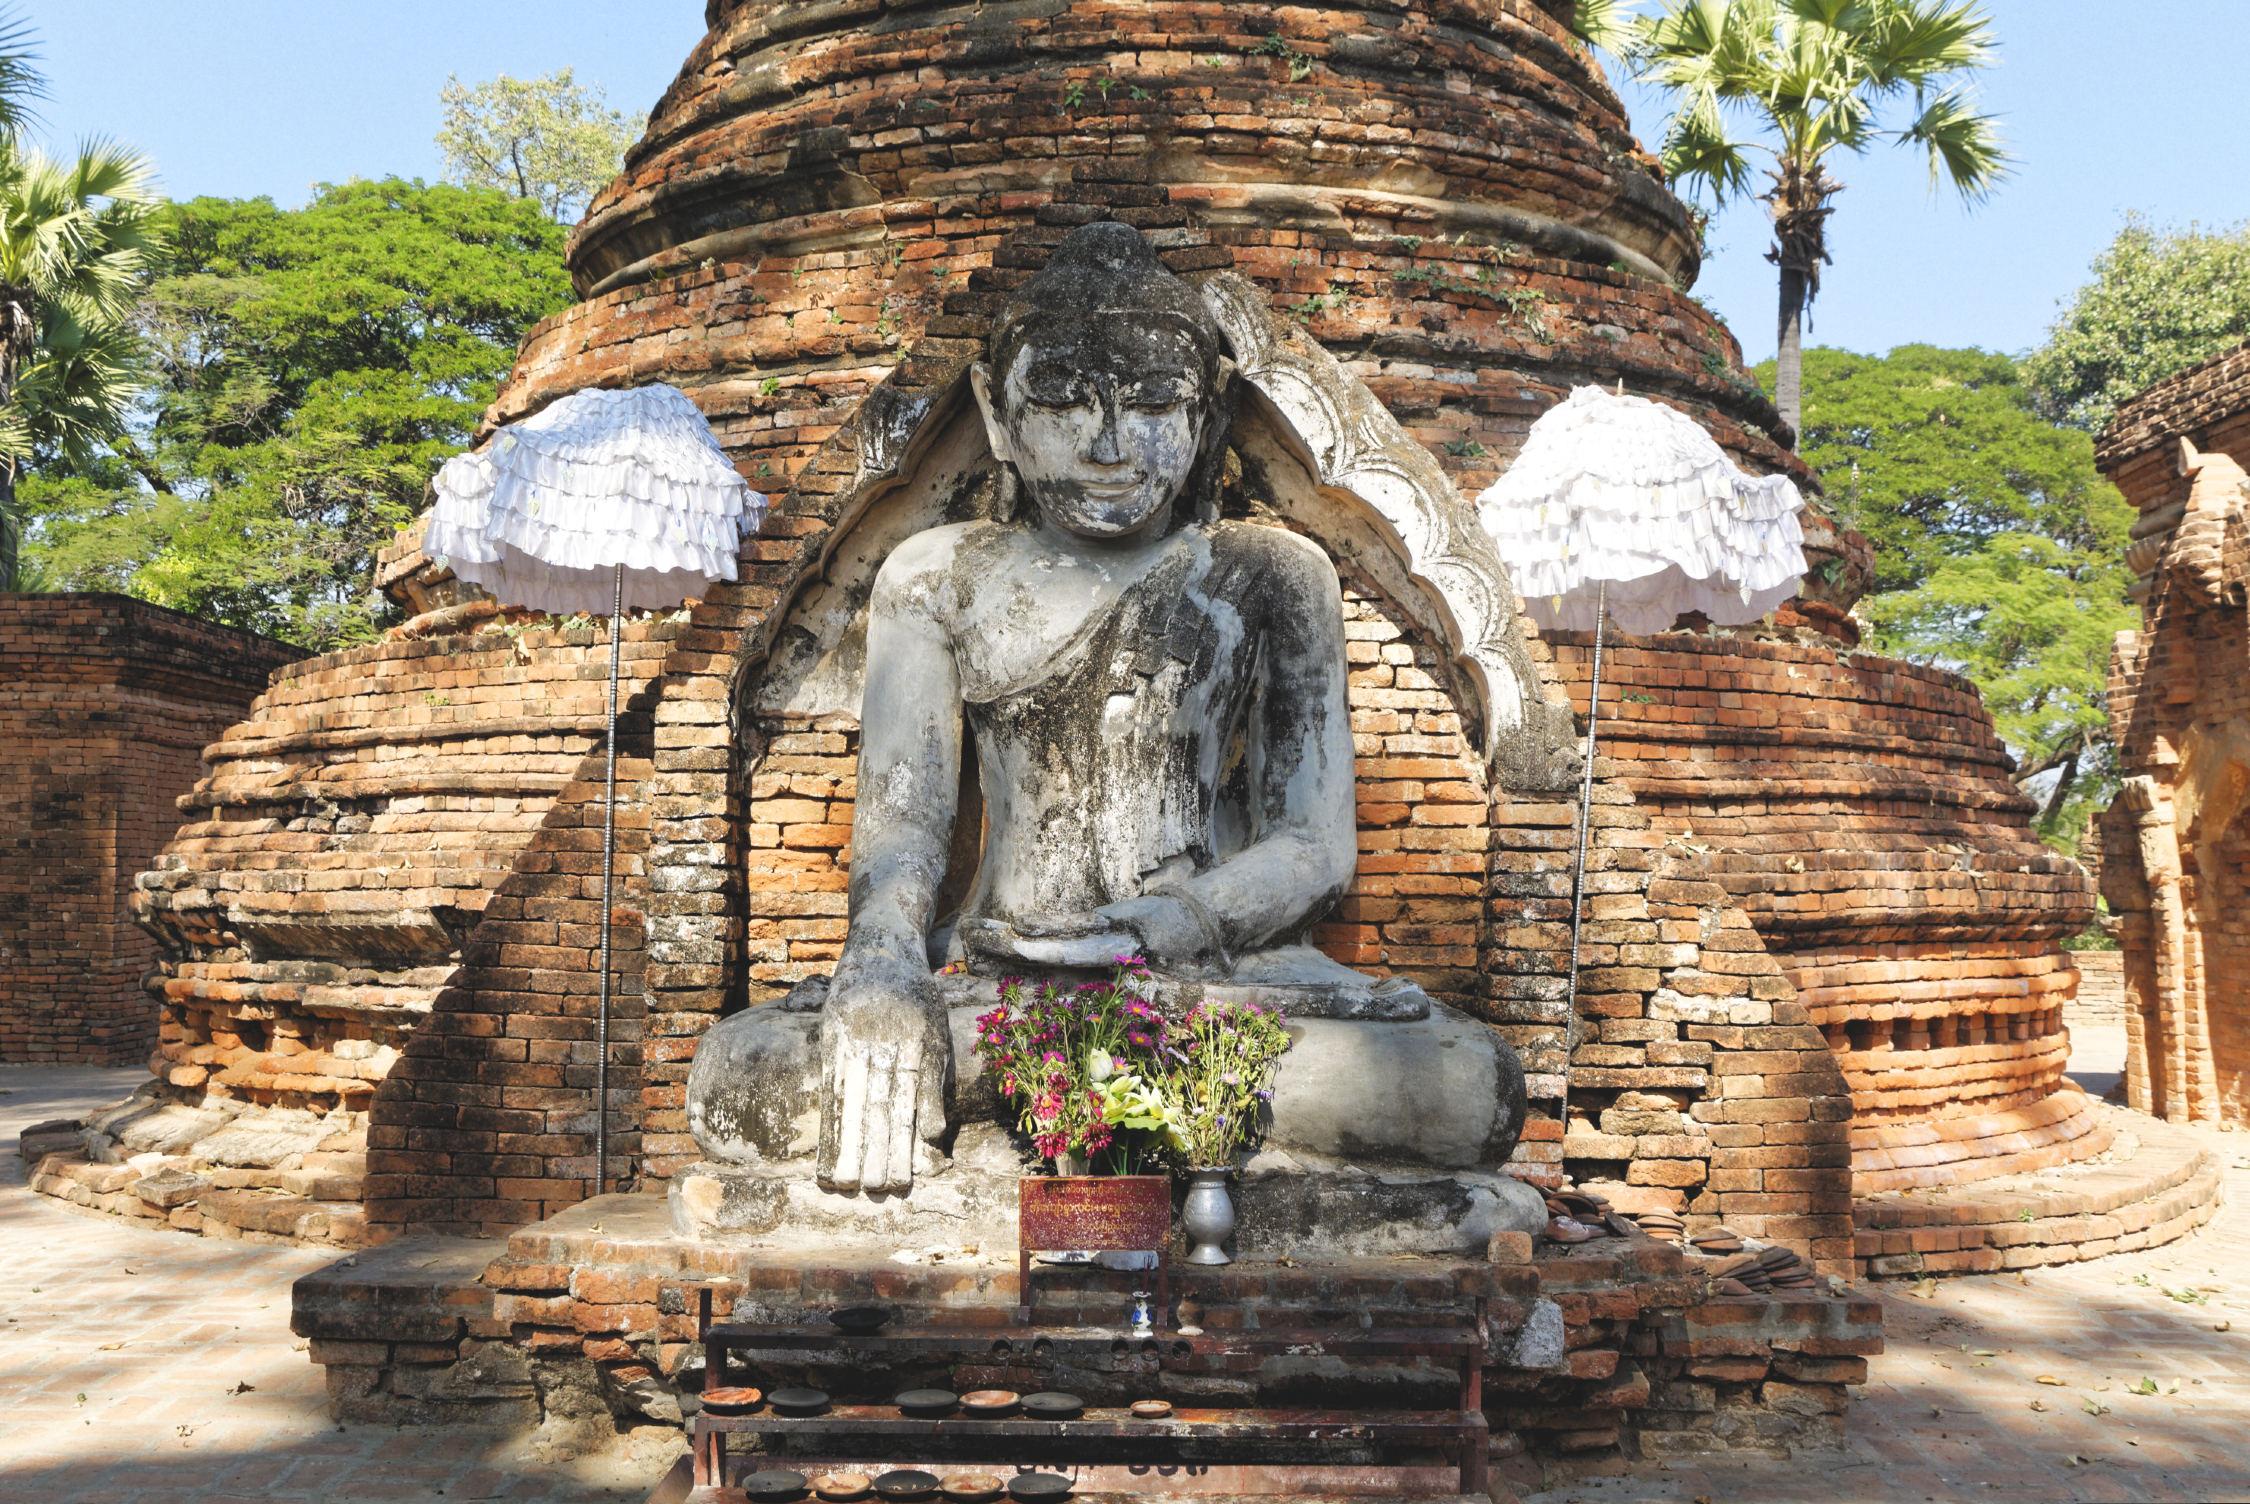 Bouddha et stupa de brique Inwa